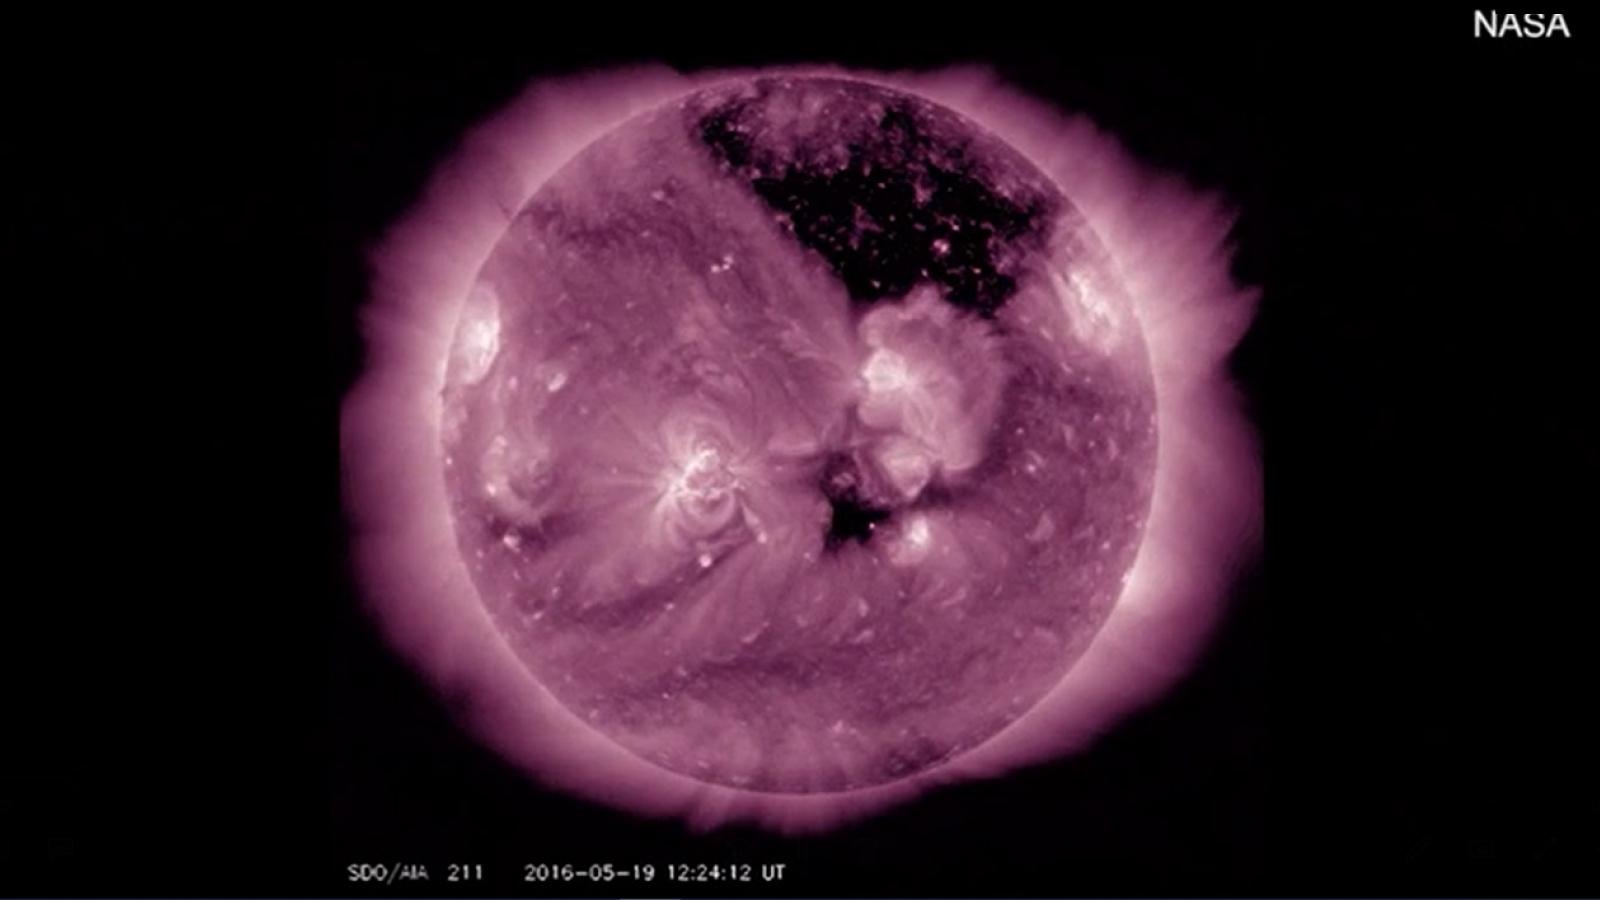 Nhìn lại những hình ảnh ấn tượng về Mặt trời được NASA ghi lại trong thập kỷ qua